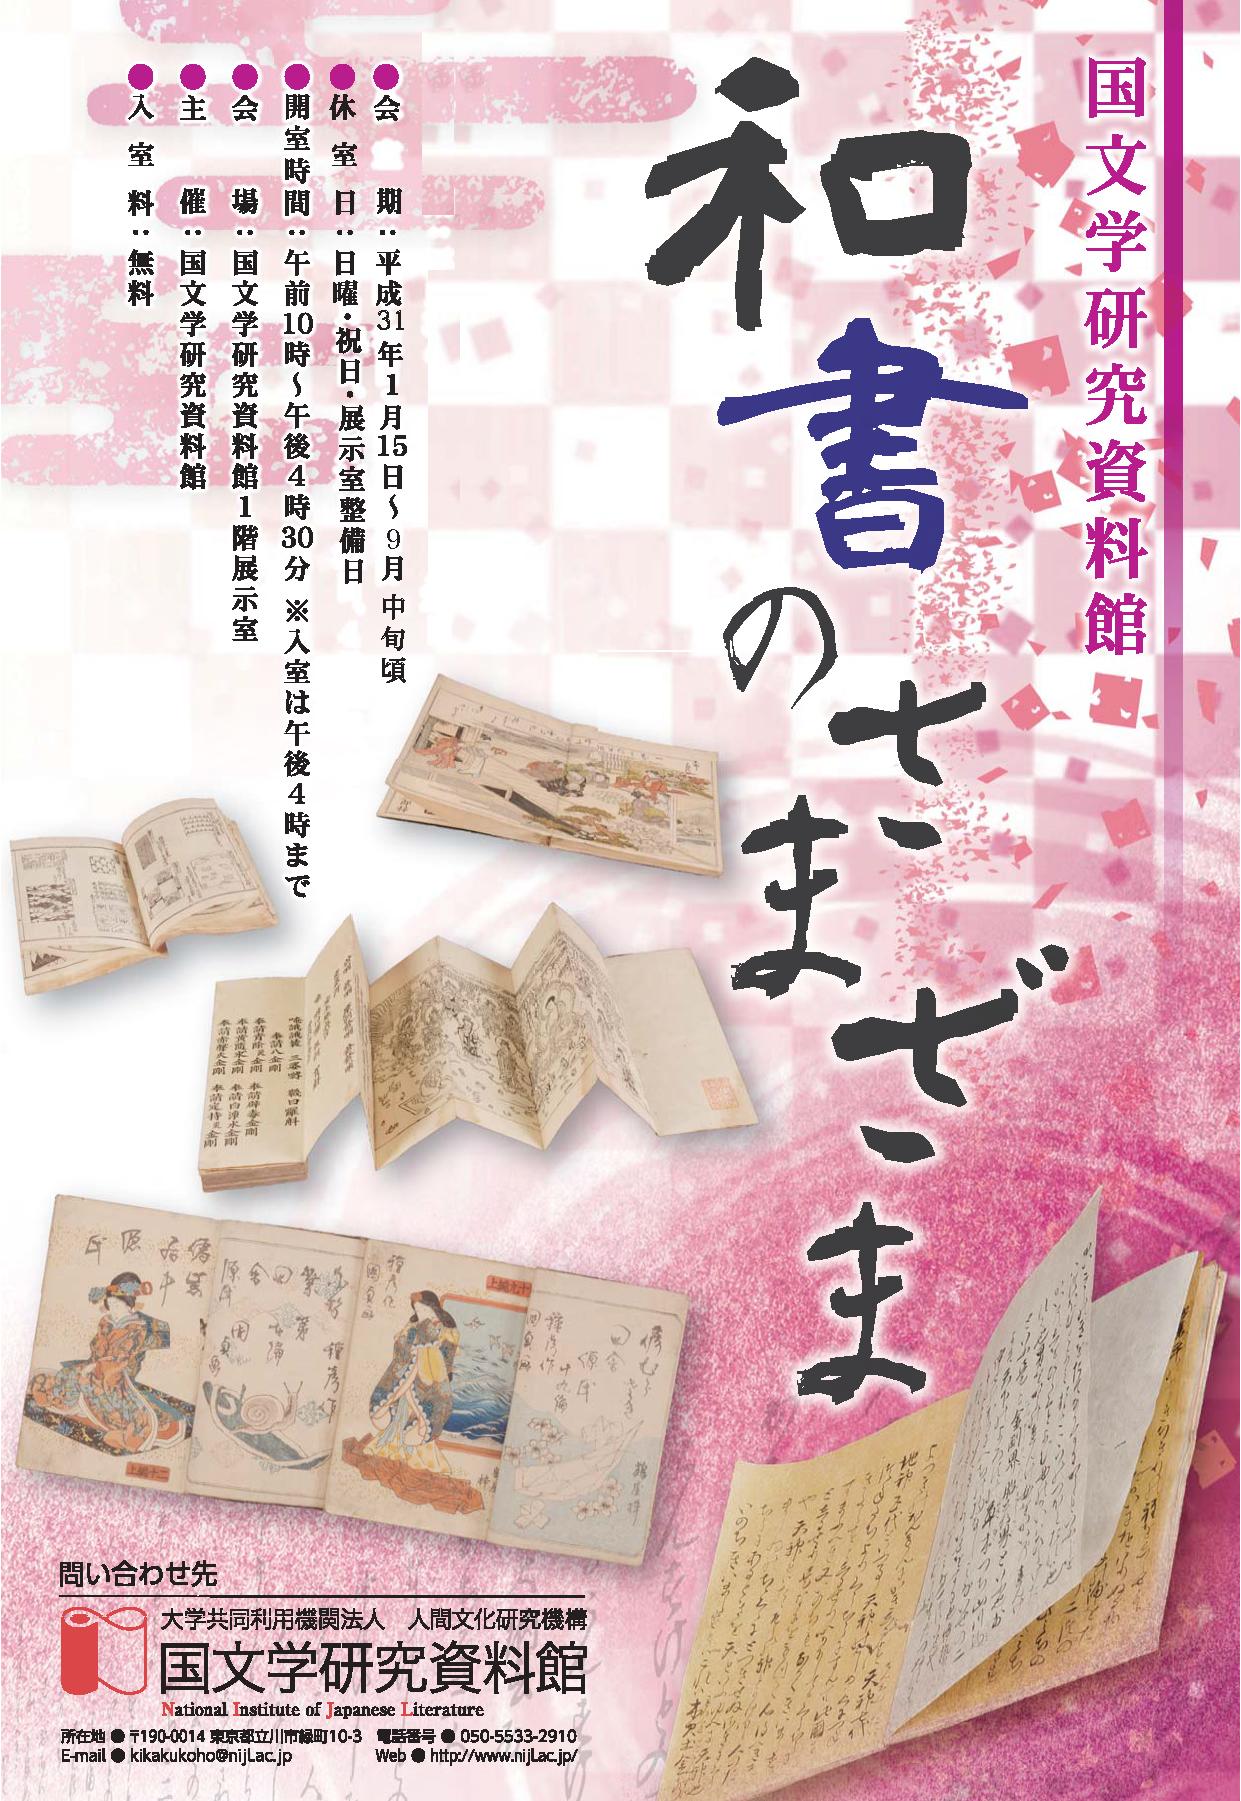 2019年通常展示「和書のさまざま」 - 催し物 | 国文学研究資料館